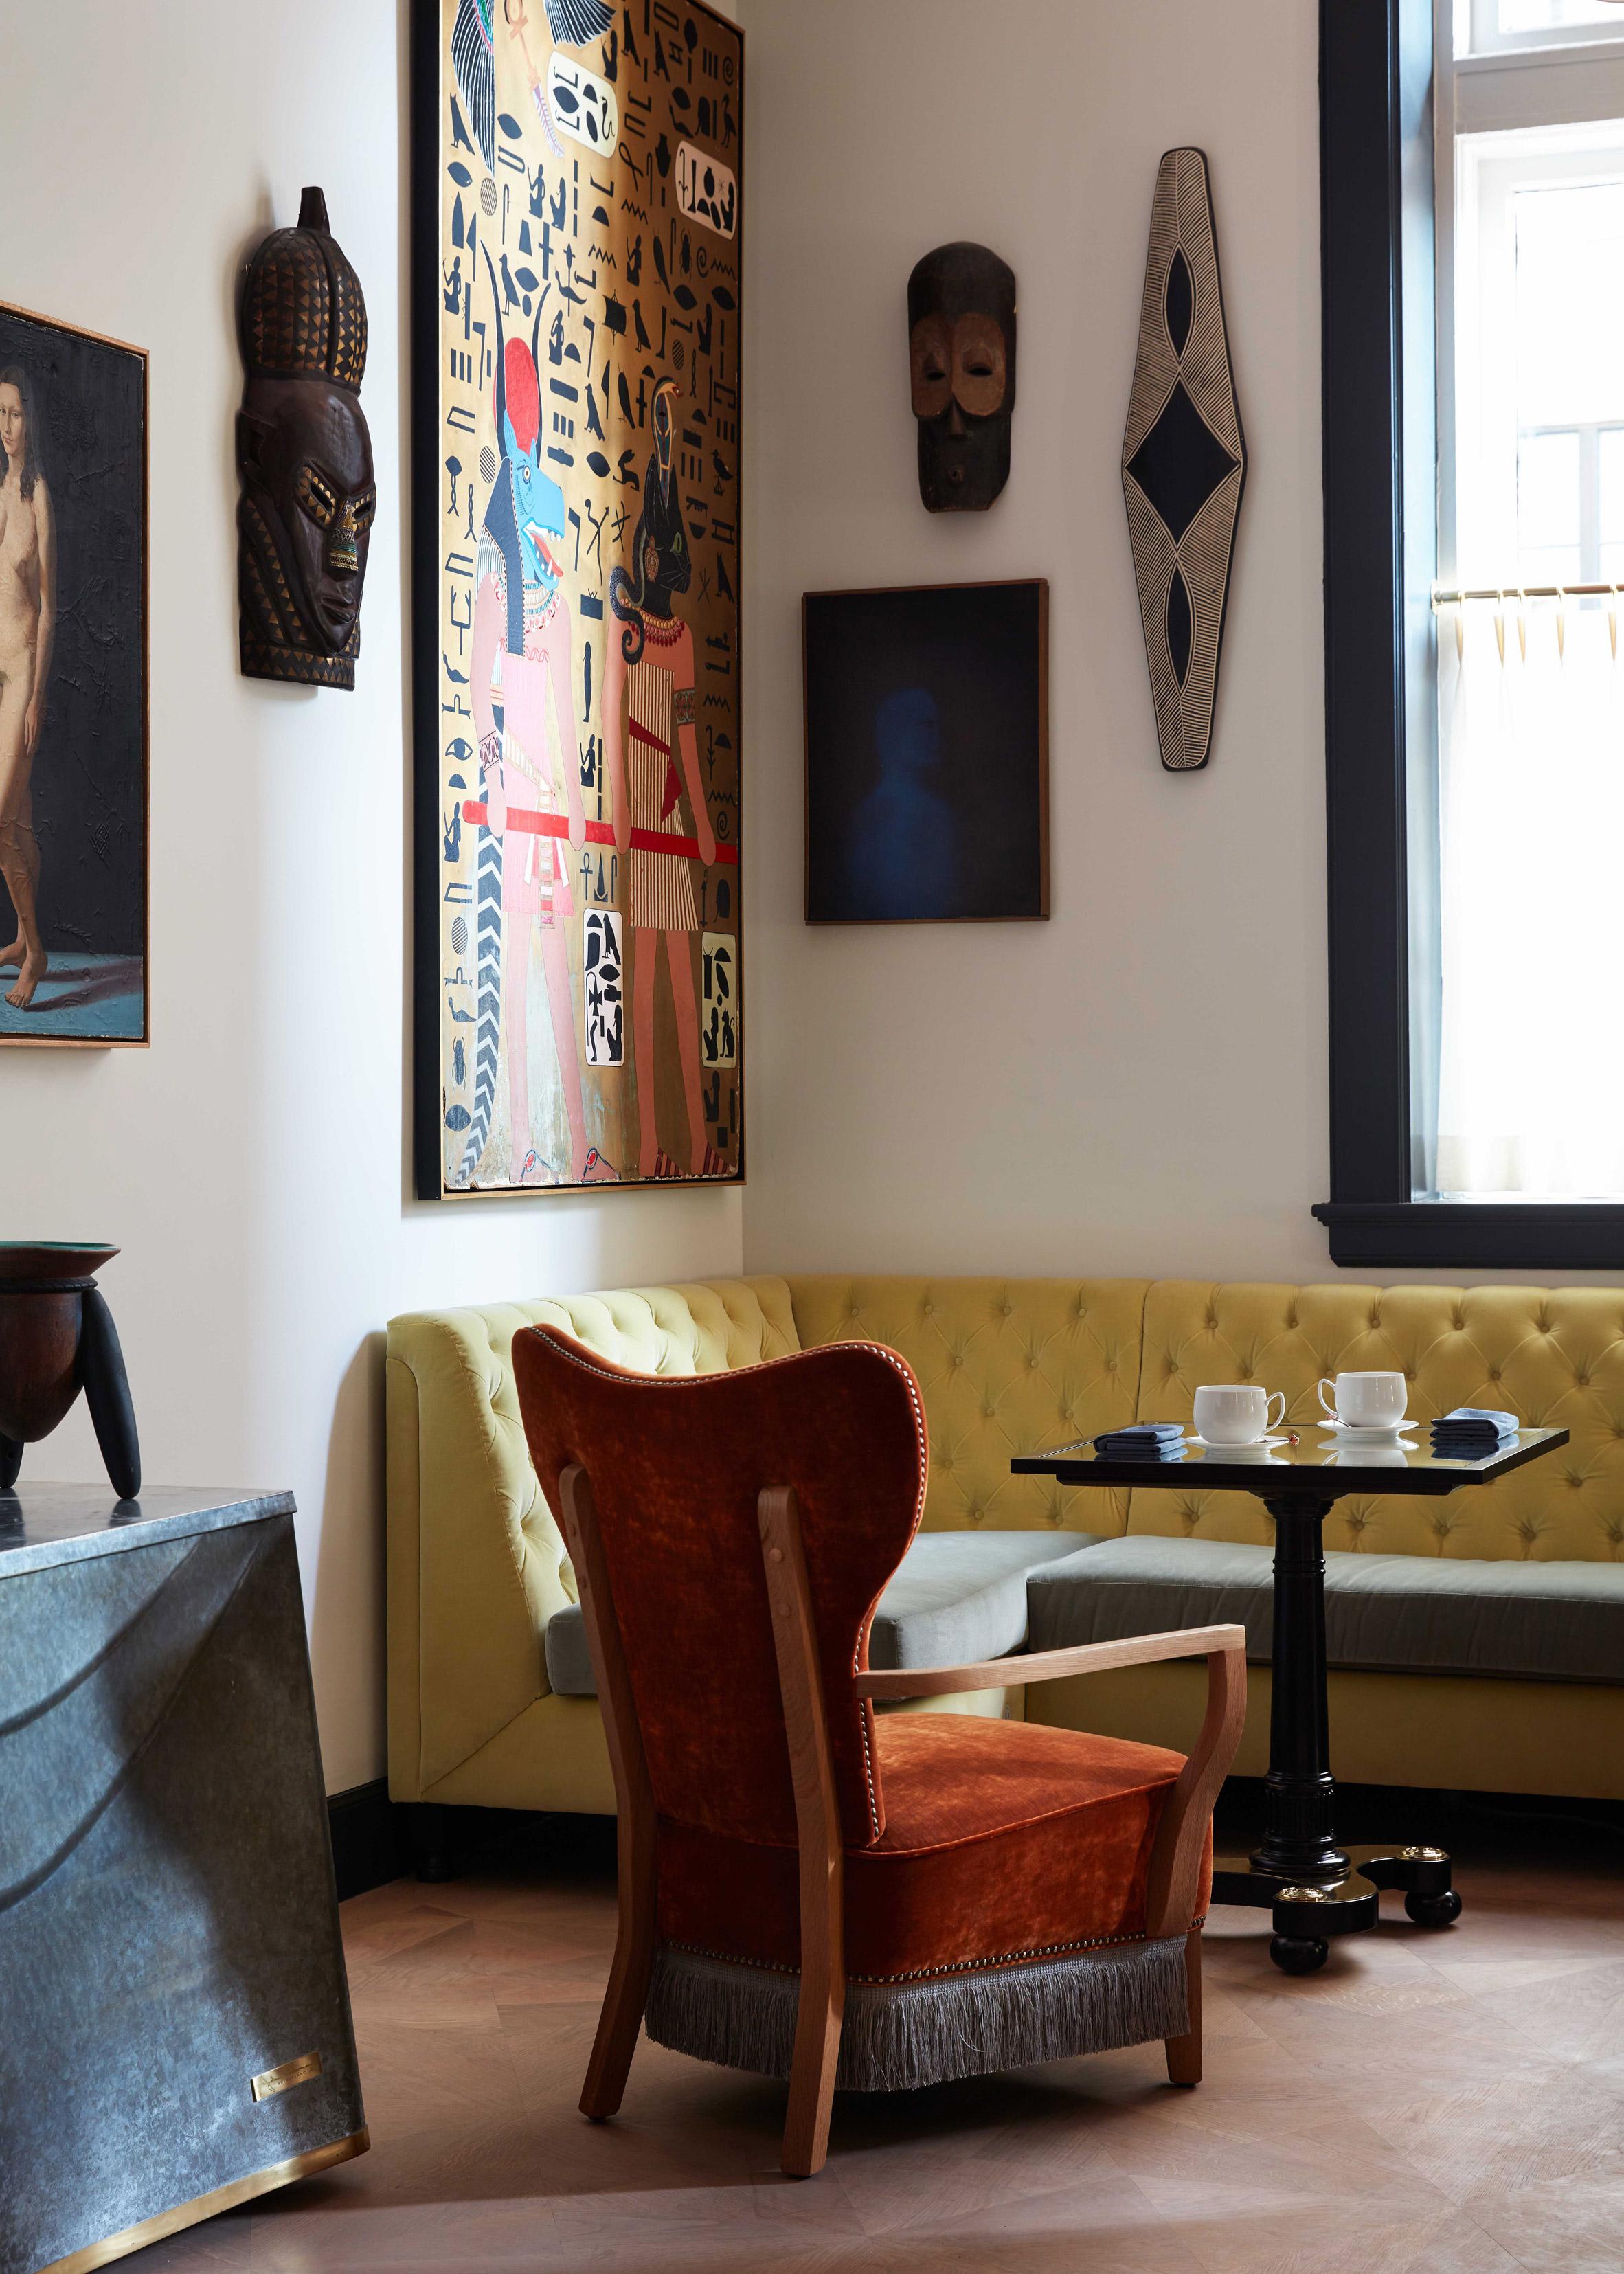 Atelier Ace Opens Maison De La Luz Boutique In New Orleans Maison Maison Design Hotel Design